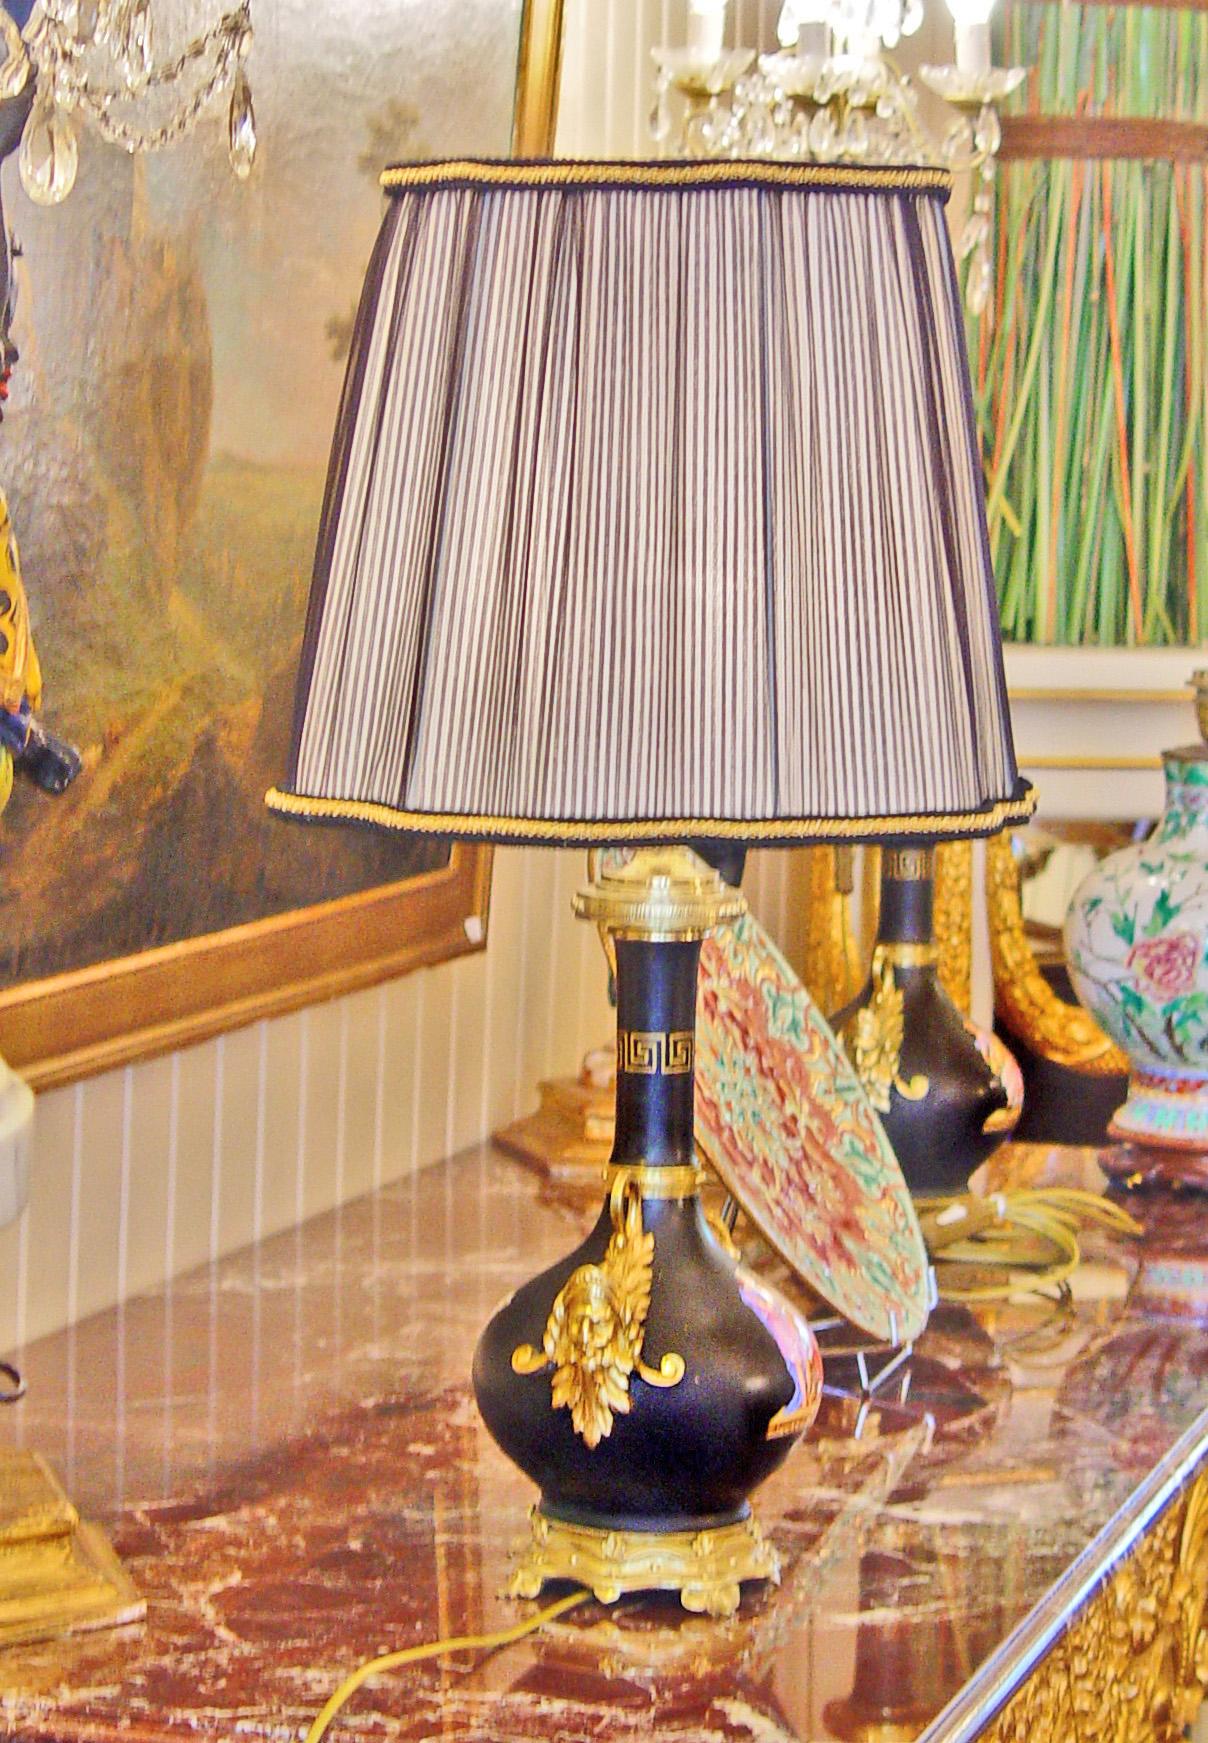 abat jour carre alsacien a 6 pointes les abat jour sur mesure de l 39 atelier du chat qui veille. Black Bedroom Furniture Sets. Home Design Ideas